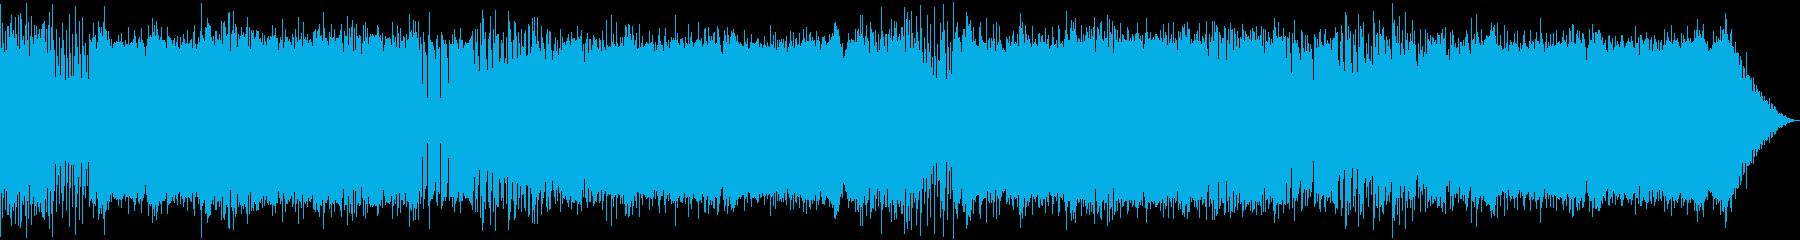 【8bit】永遠の旅立ちの再生済みの波形